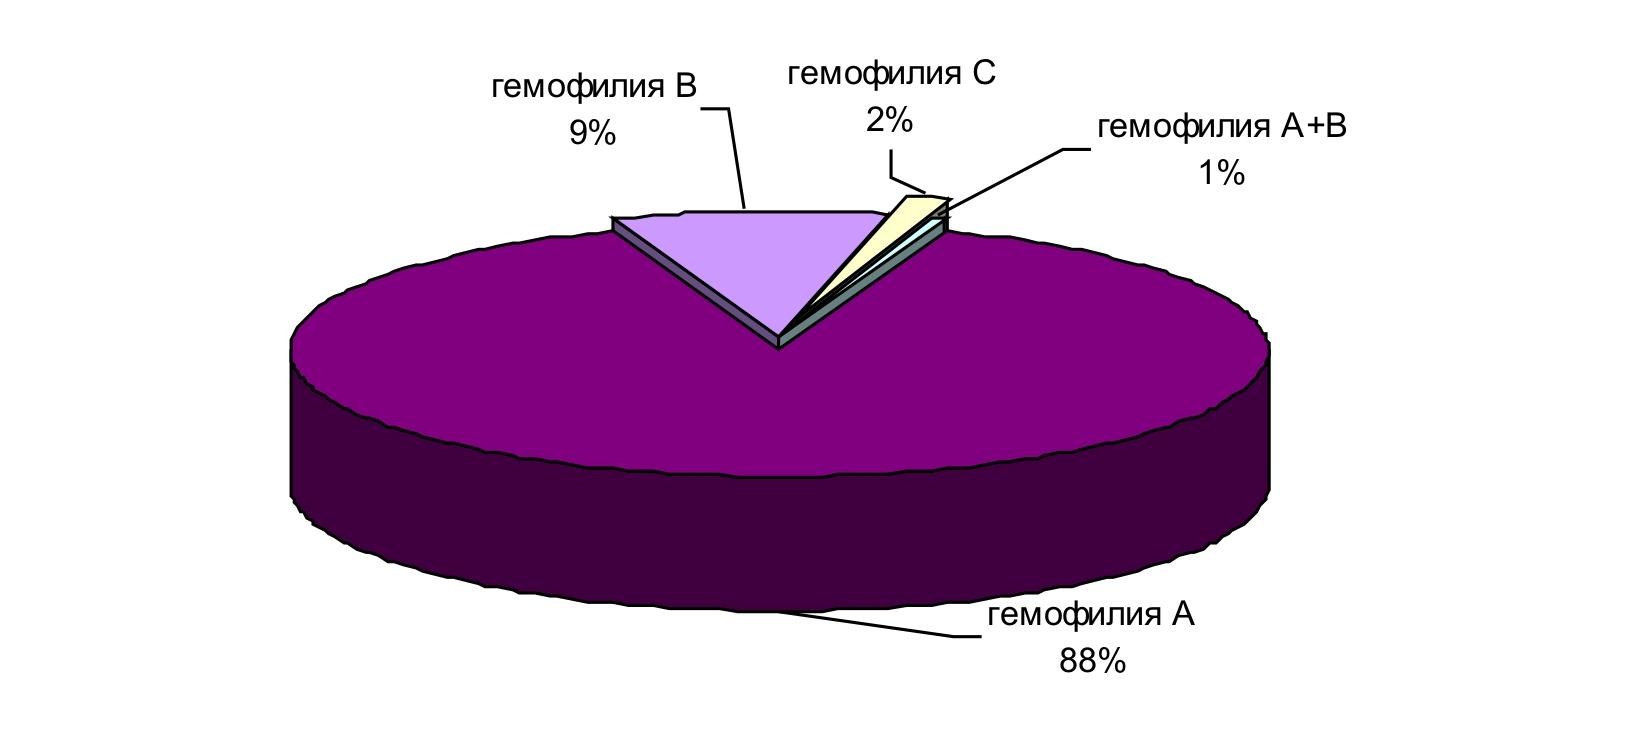 Гемофилия C фото